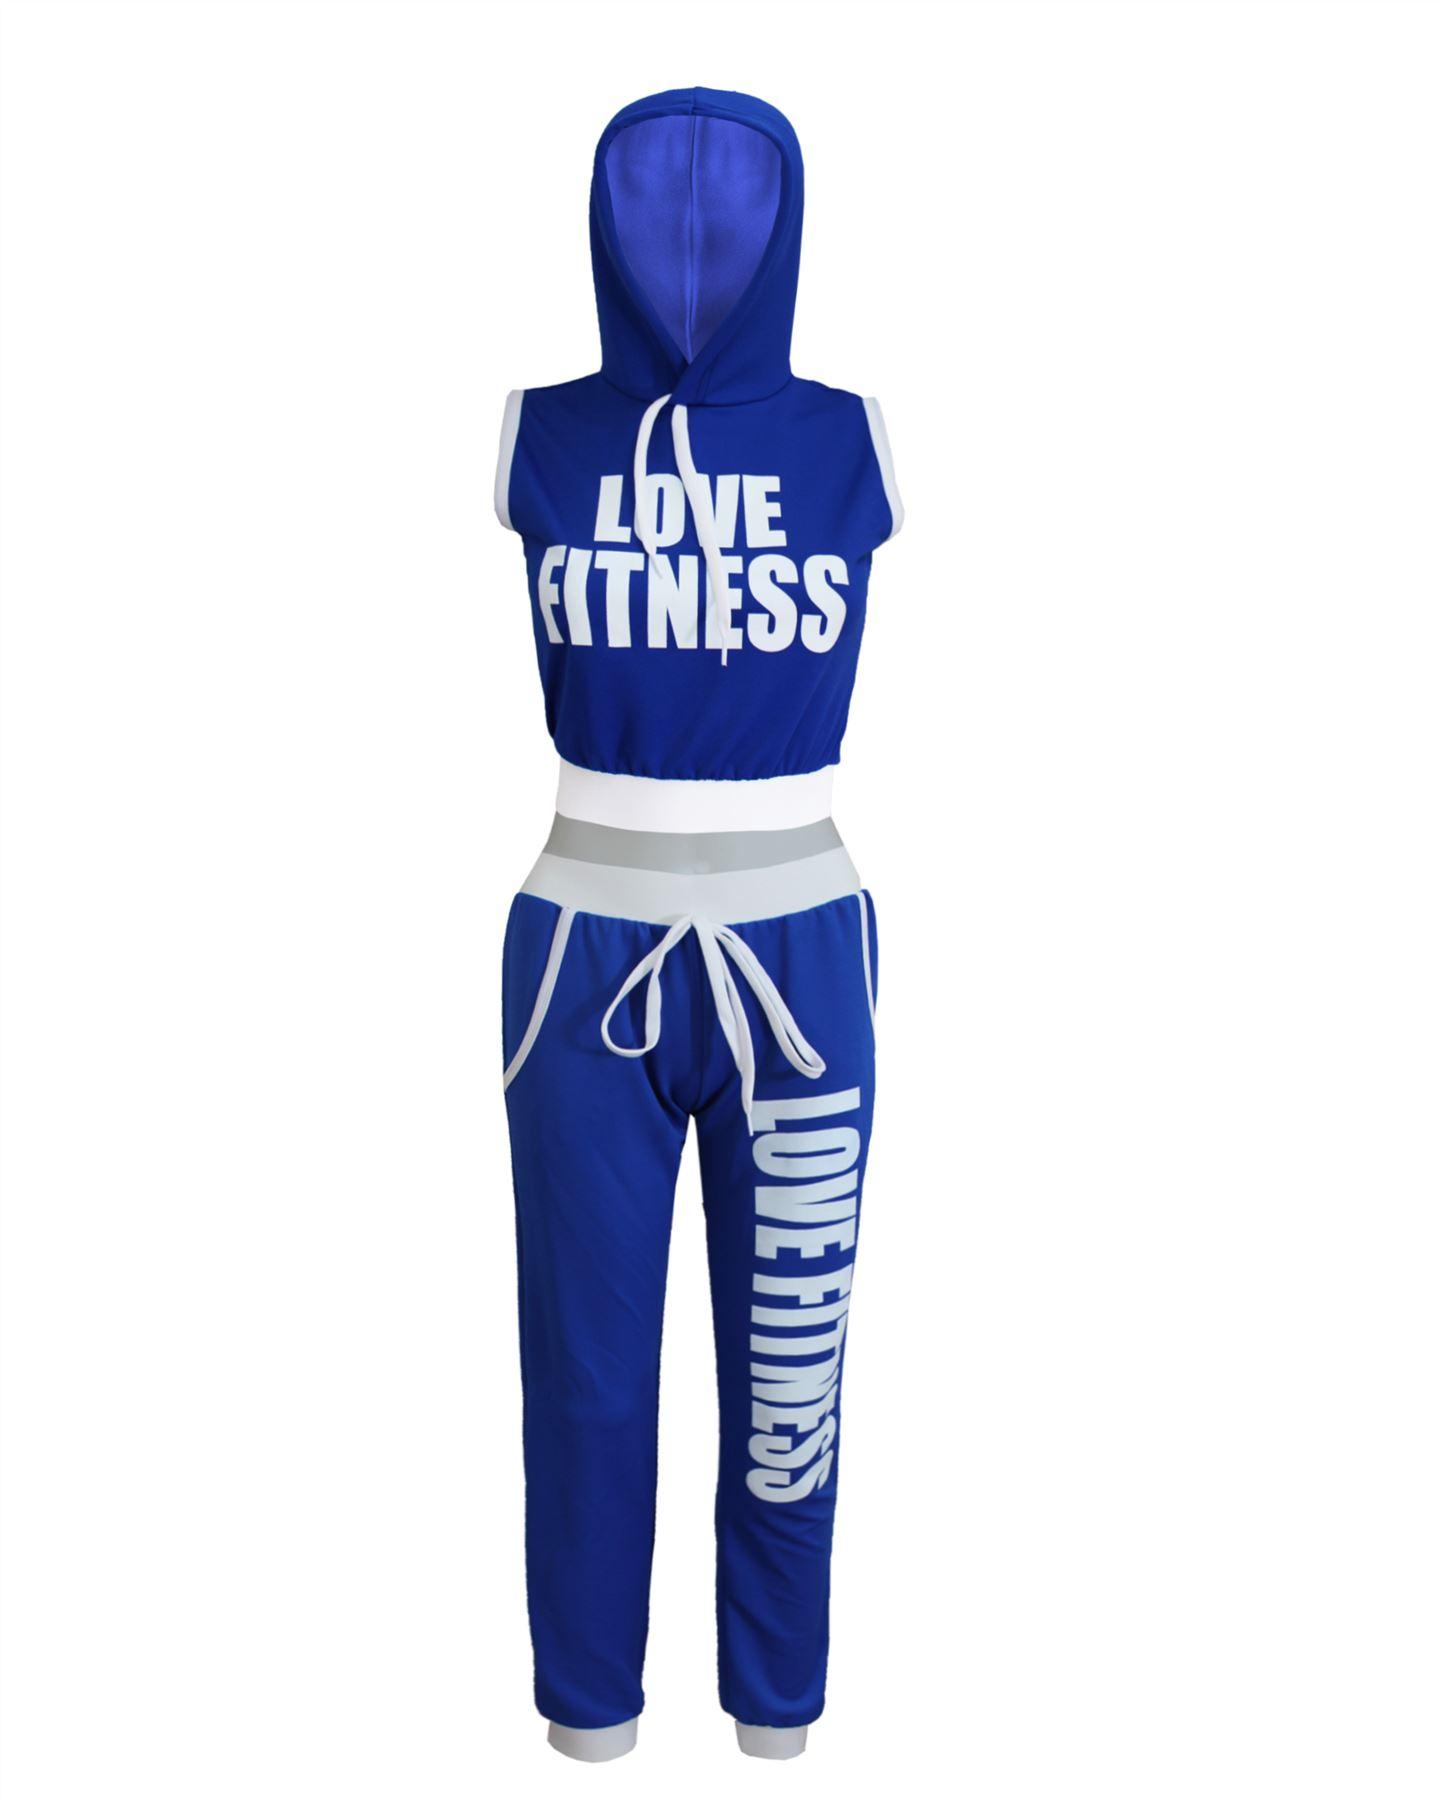 Nouveau Femme Femmes Amour Fitness Gym Yoga à capuche 2pcs Survêtement Jogging Ensemble UK 8-14